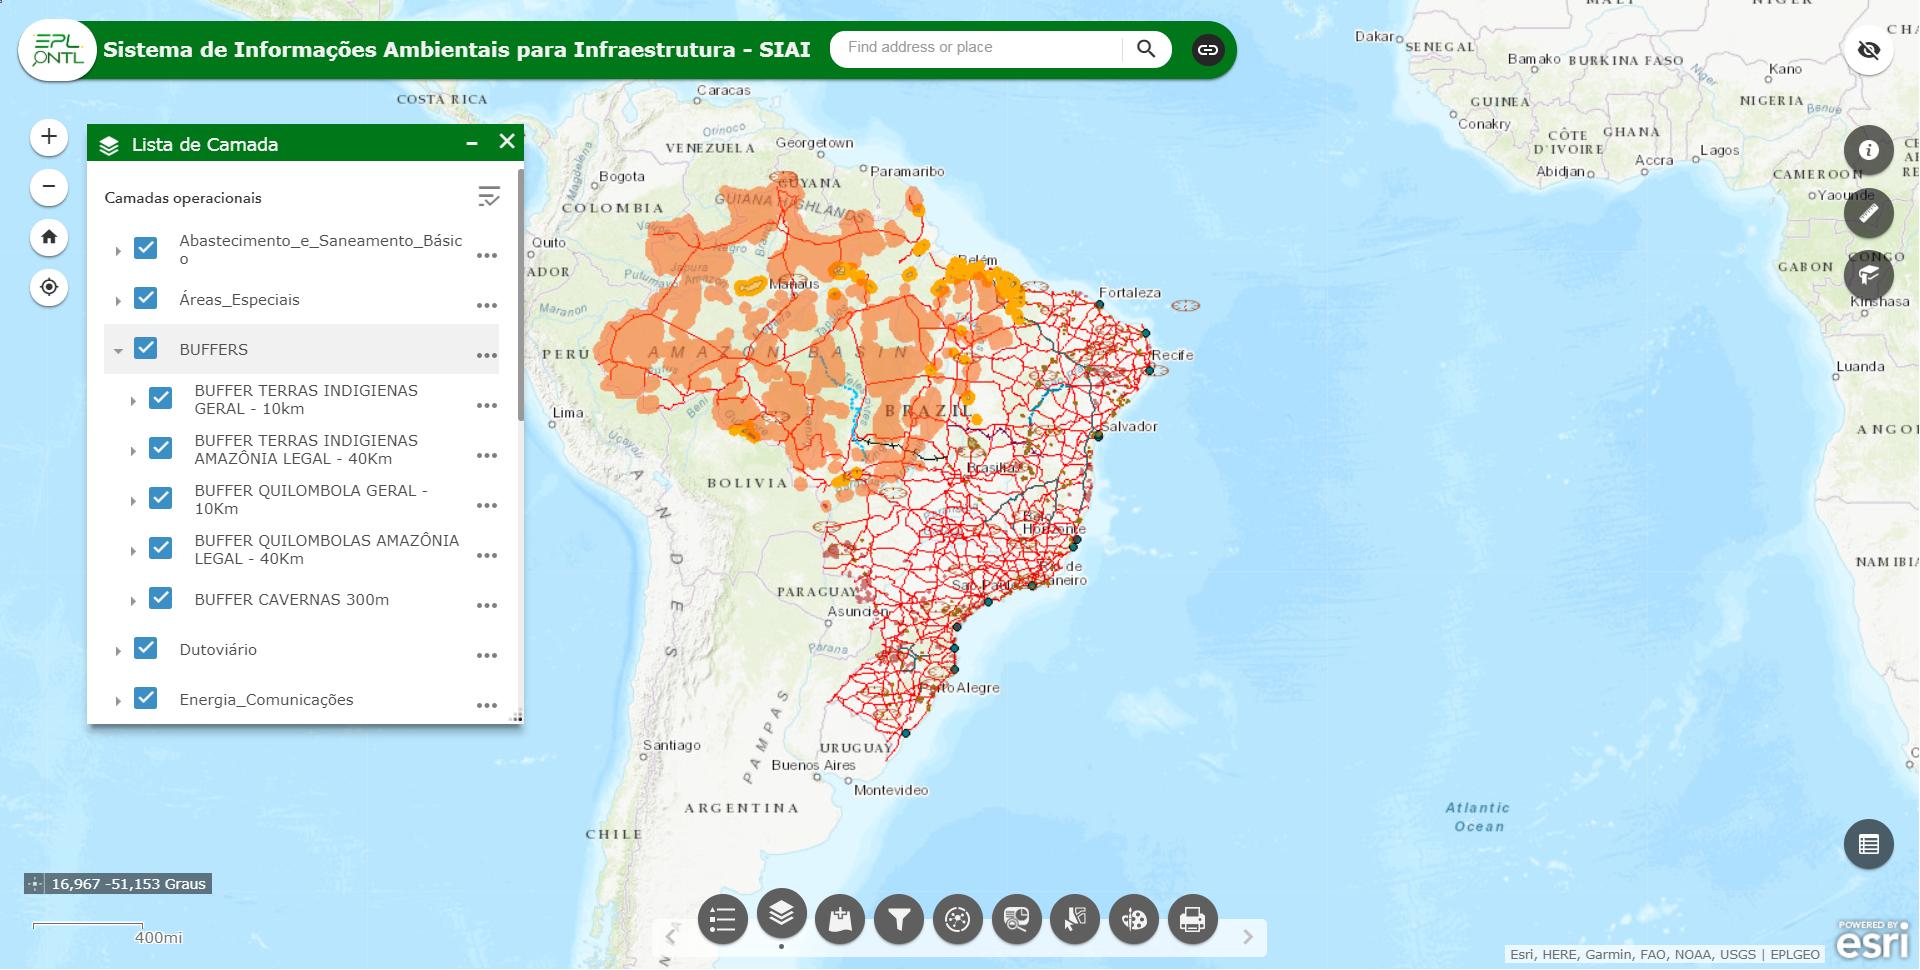 Sistema de Informações Ambientais para Infraestrutura